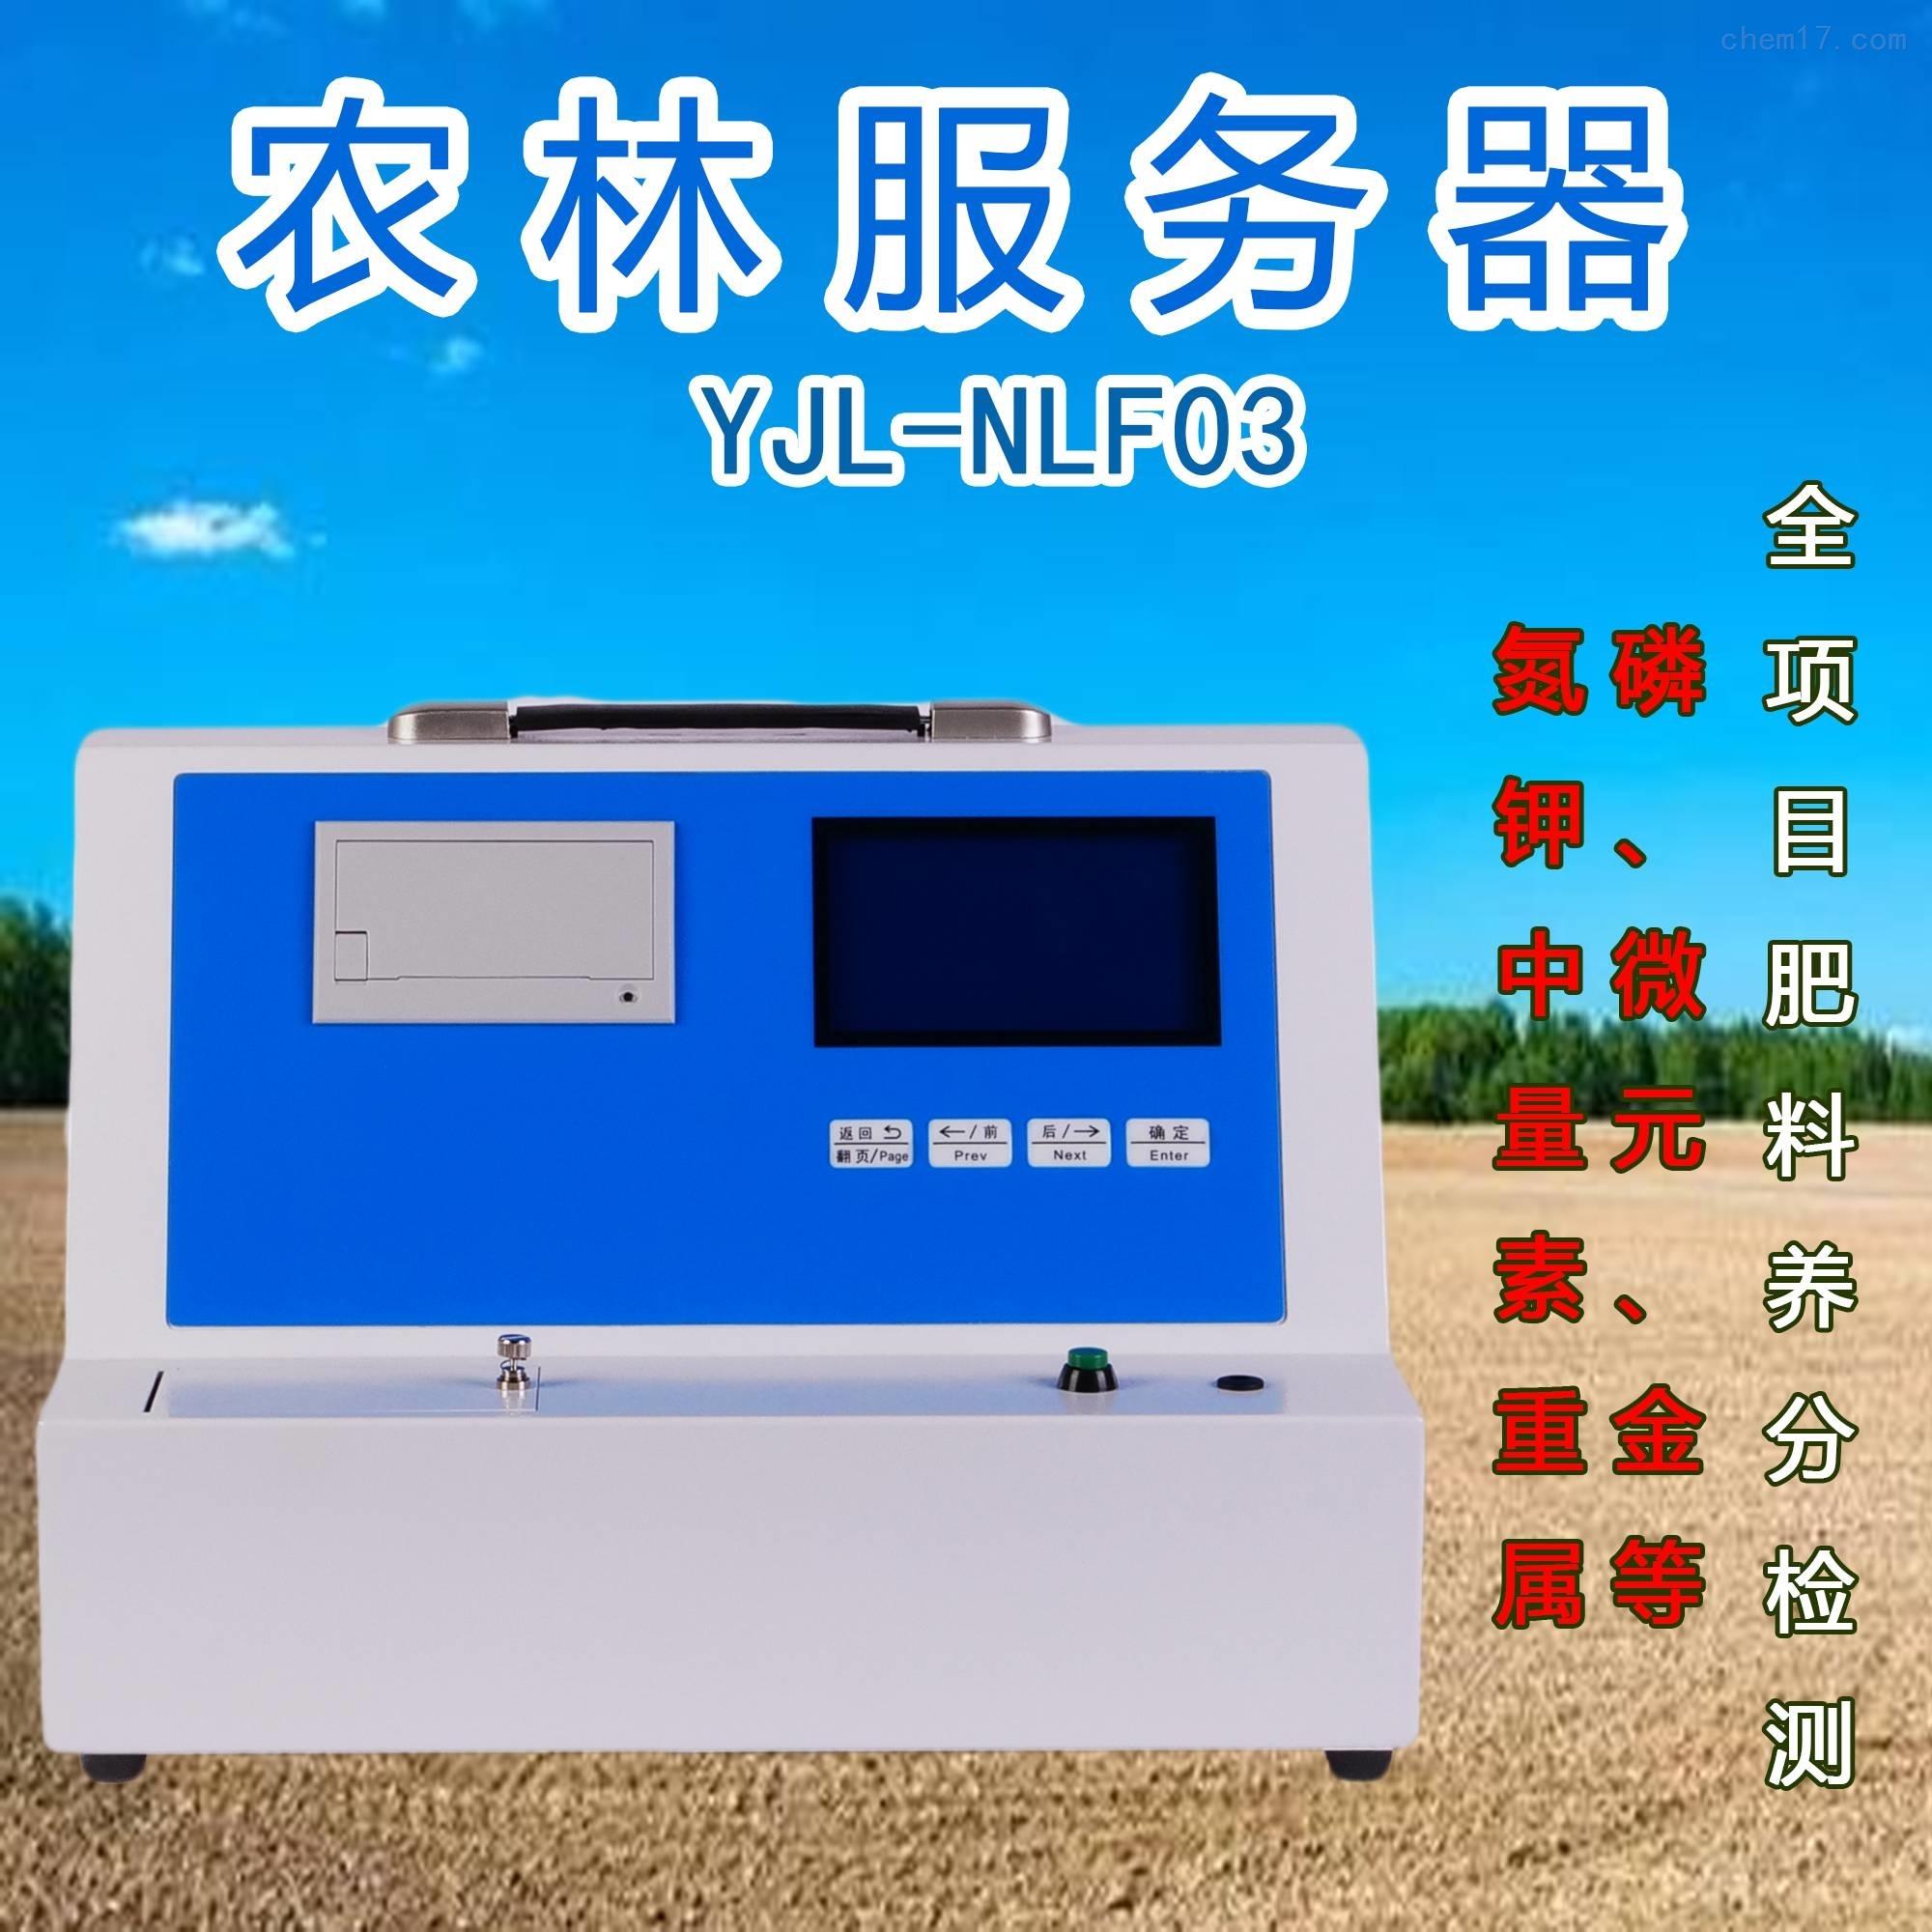 农林服务器-肥料养分检测仪